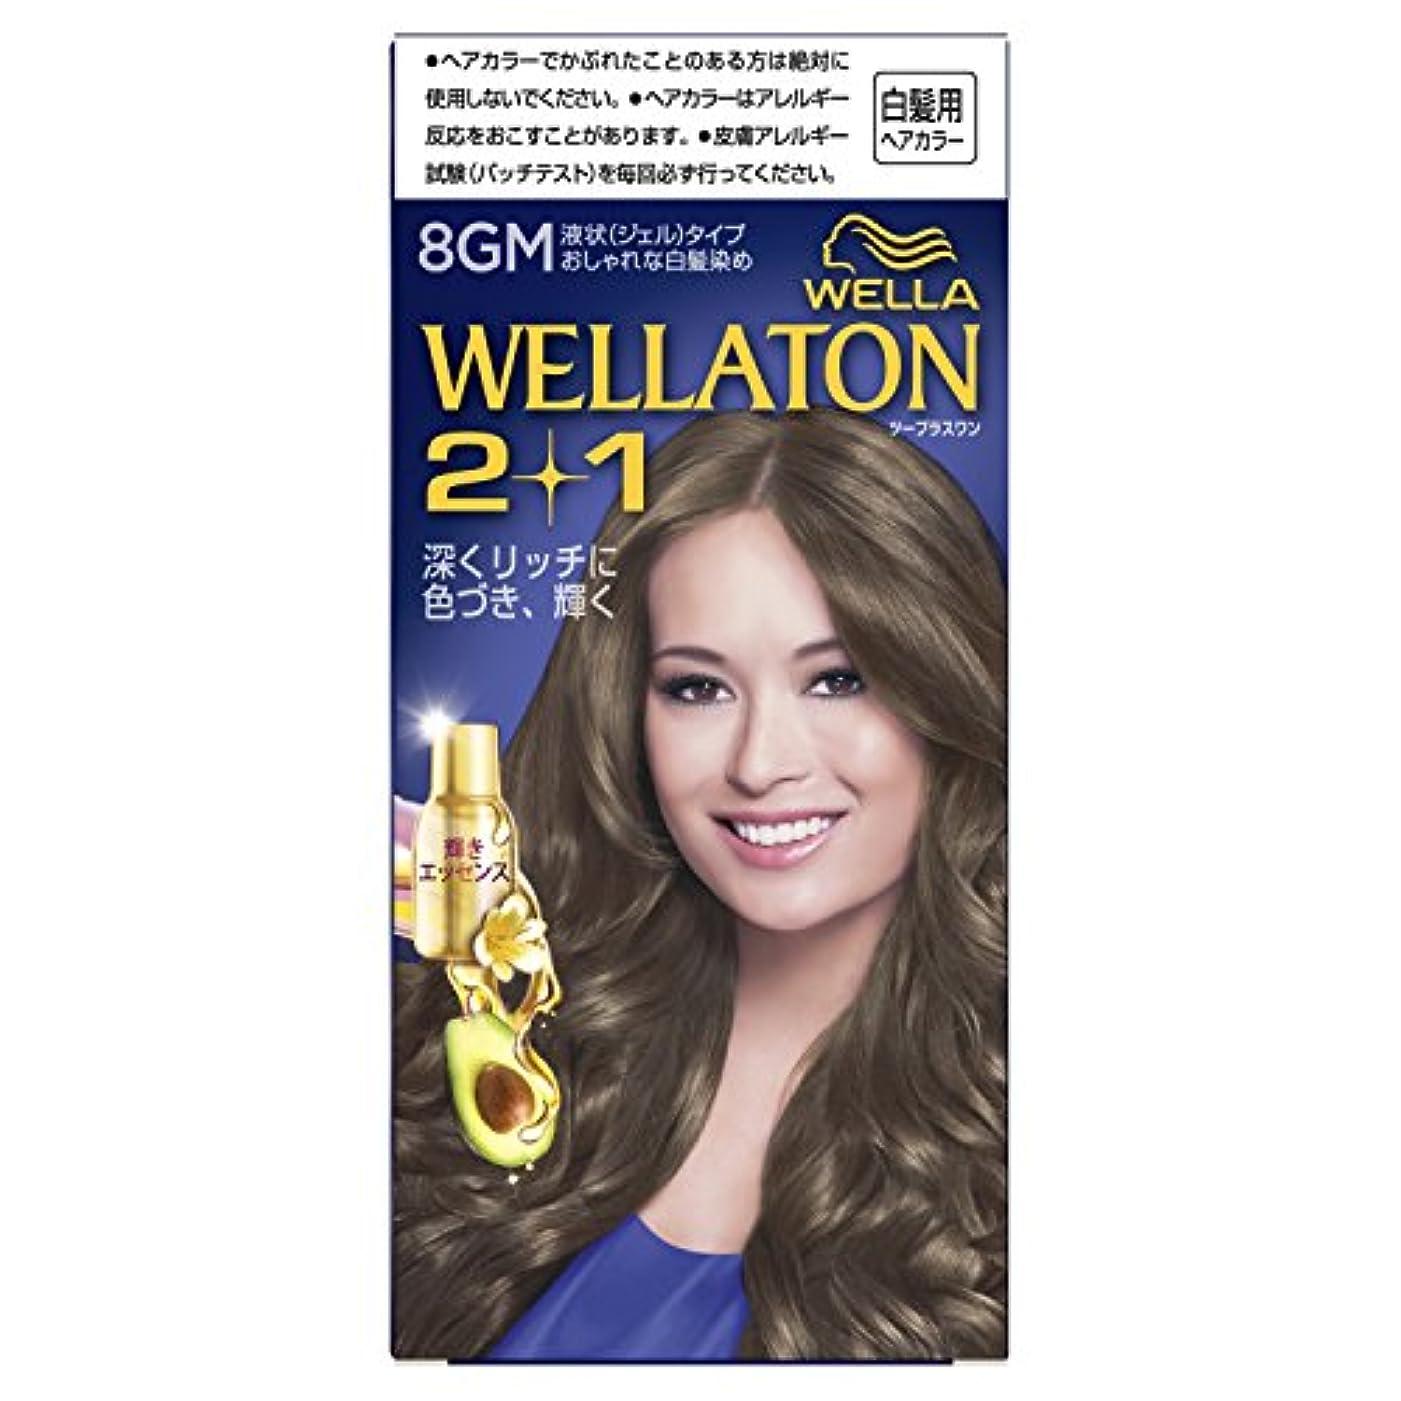 作物ストロー東部ウエラトーン2+1 液状タイプ 8GM [医薬部外品](おしゃれな白髪染め)